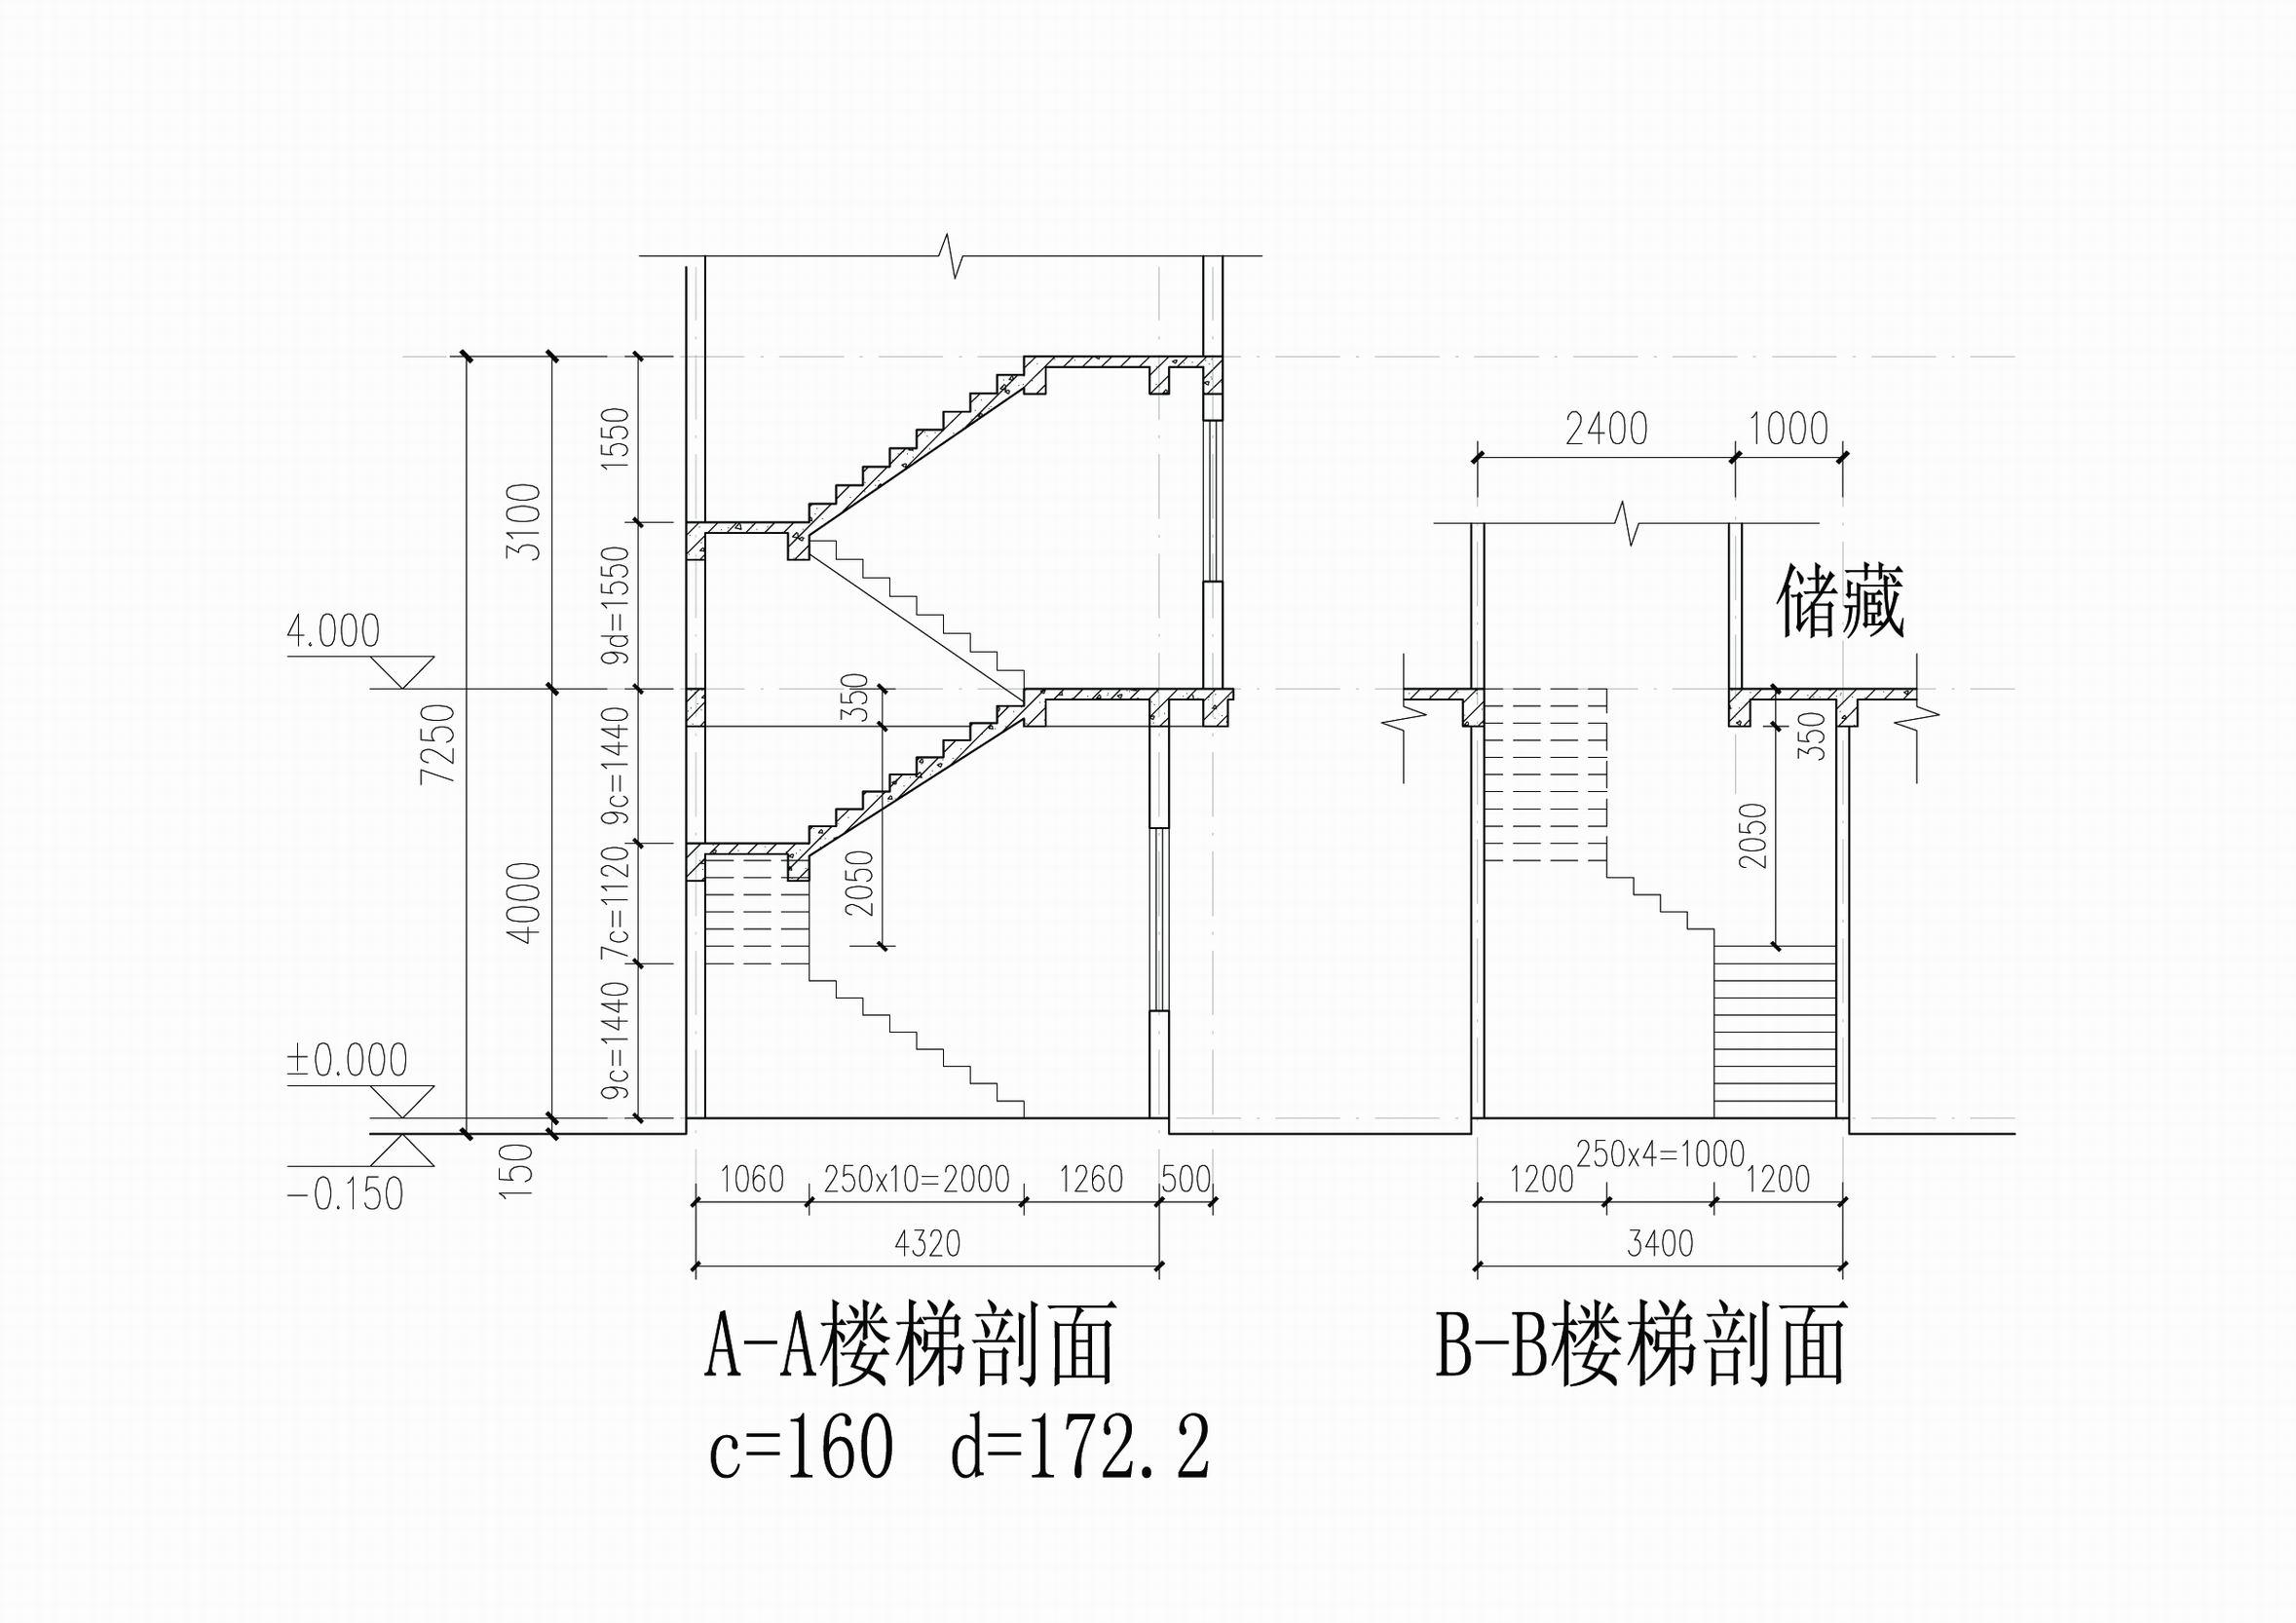 自建房,如图,4米那个u型3跑楼梯,需要做楼梯梁吗?如果要做改怎么做?